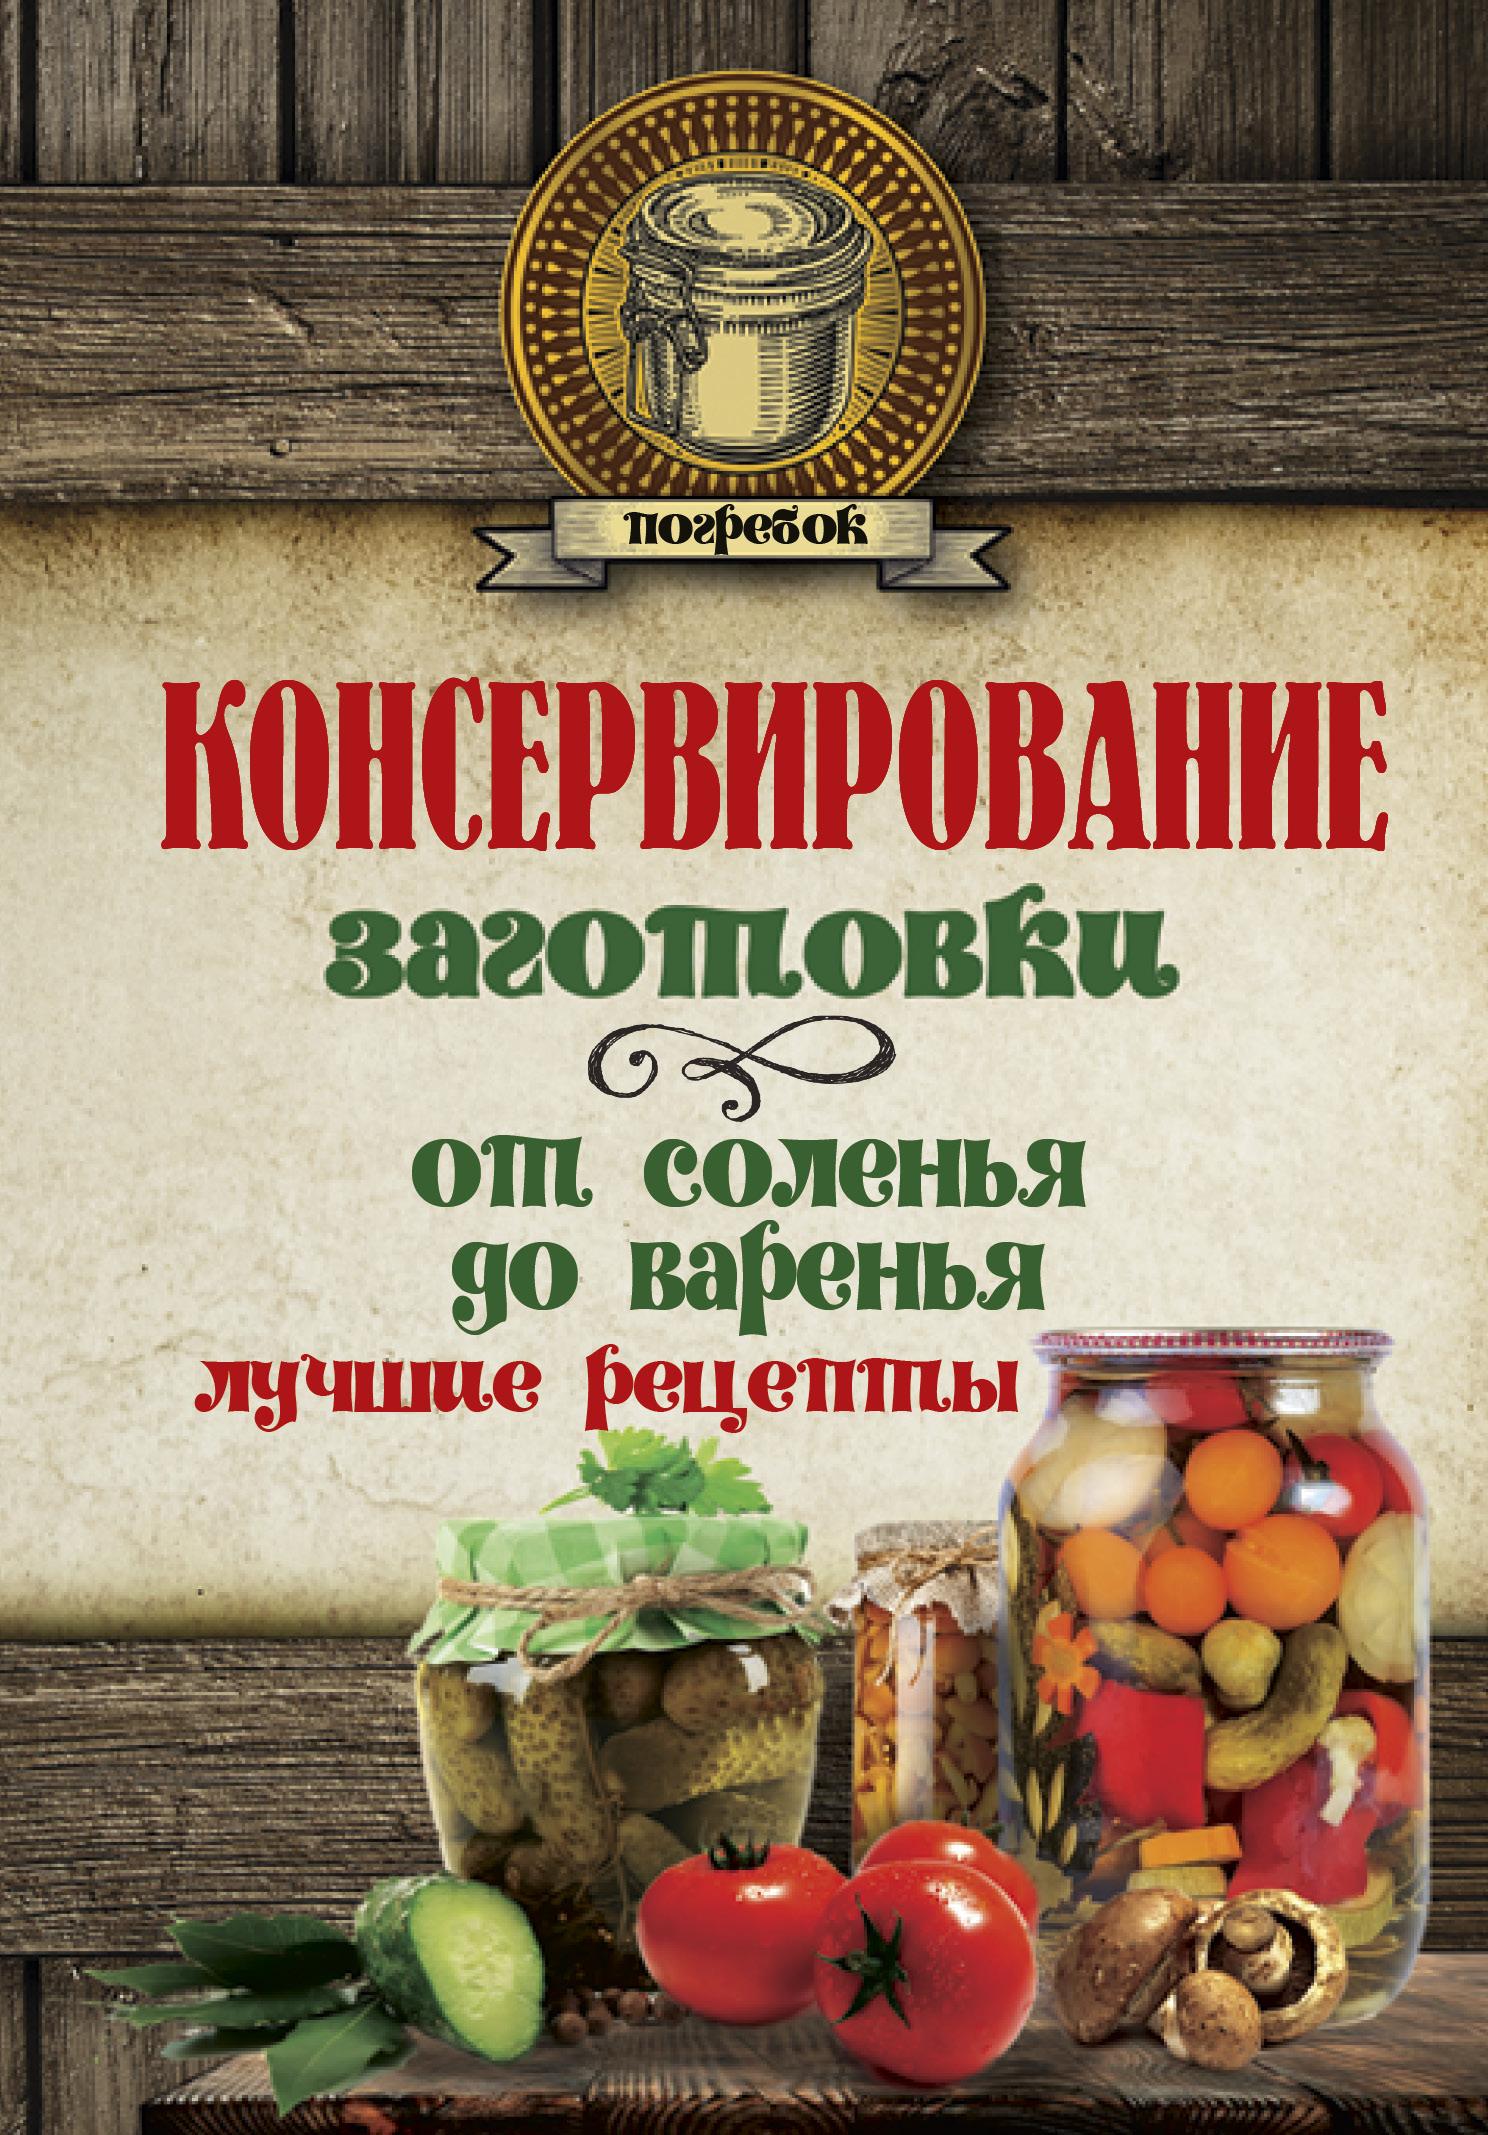 агафья звонарева консервирование и заготовки лучшие рецепты из натуральных продуктов просто и доступно . Консервирование. Заготовки: от соленья до варенья. Лучшие рецепты.